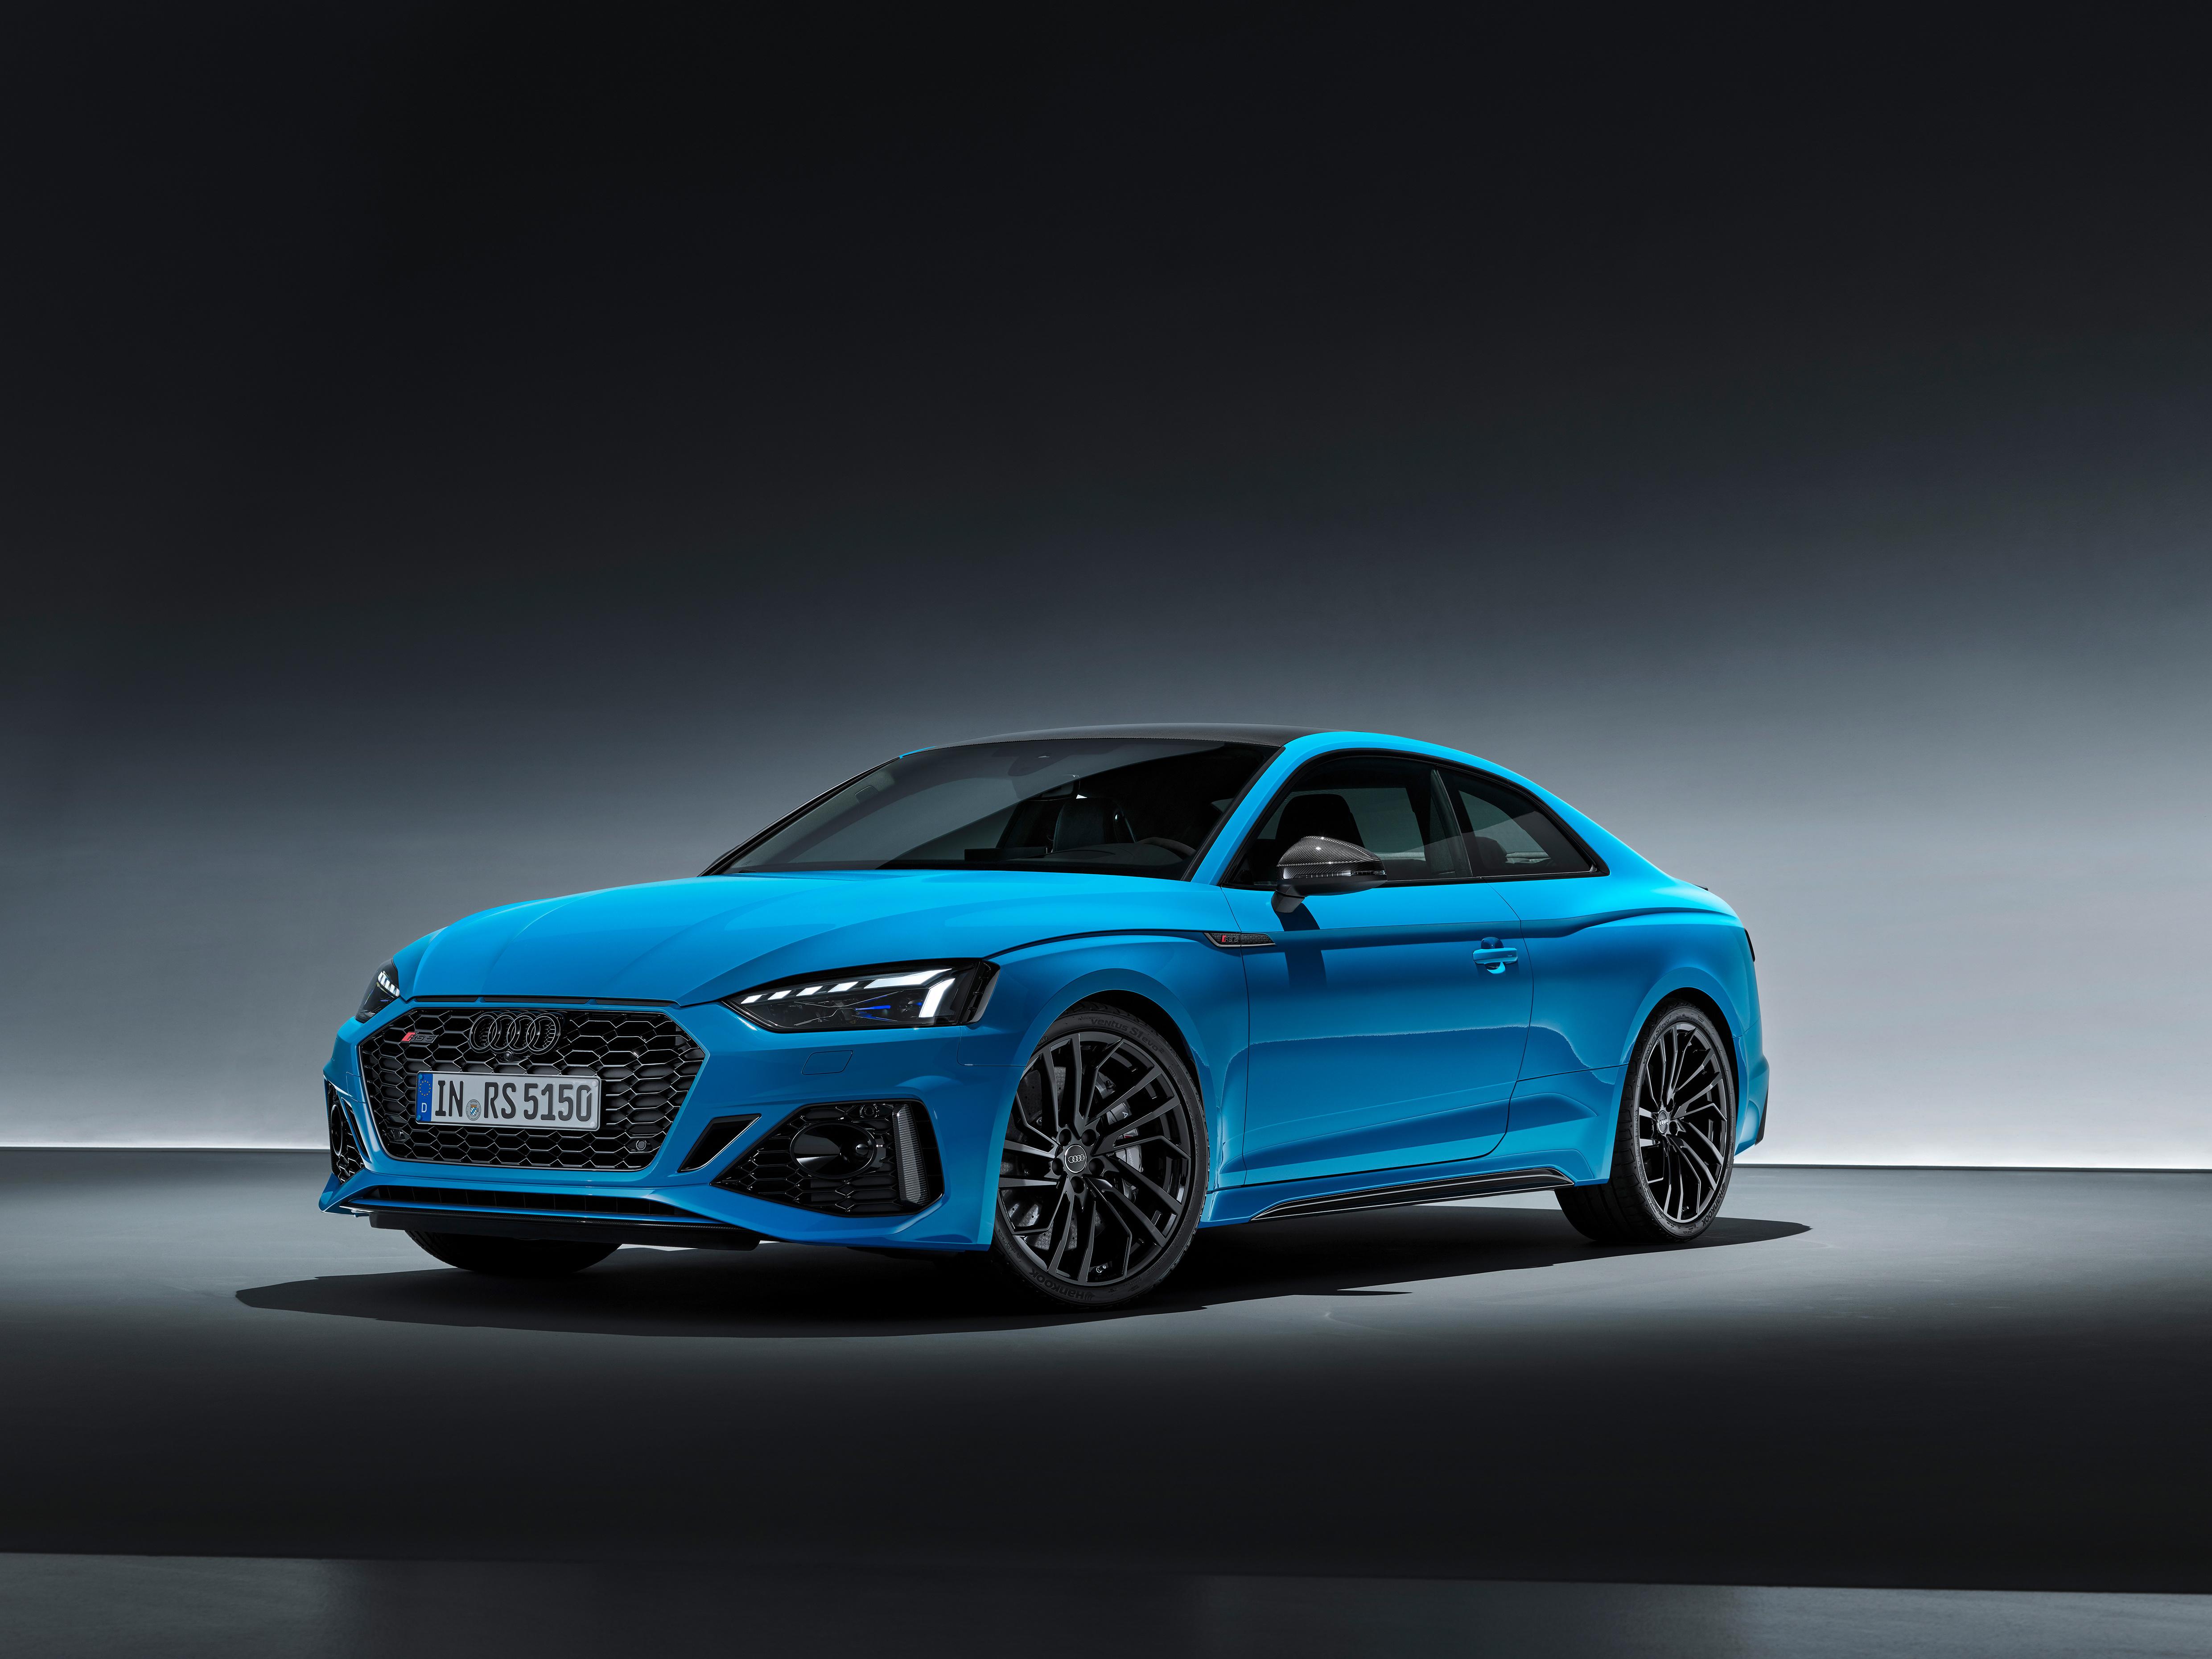 Die Lackierung Turbo Blau kostet zwar nur knapp 900 Euro extra - wer mit seinem RS 5 auffallen will, sollte sie sich leisten.